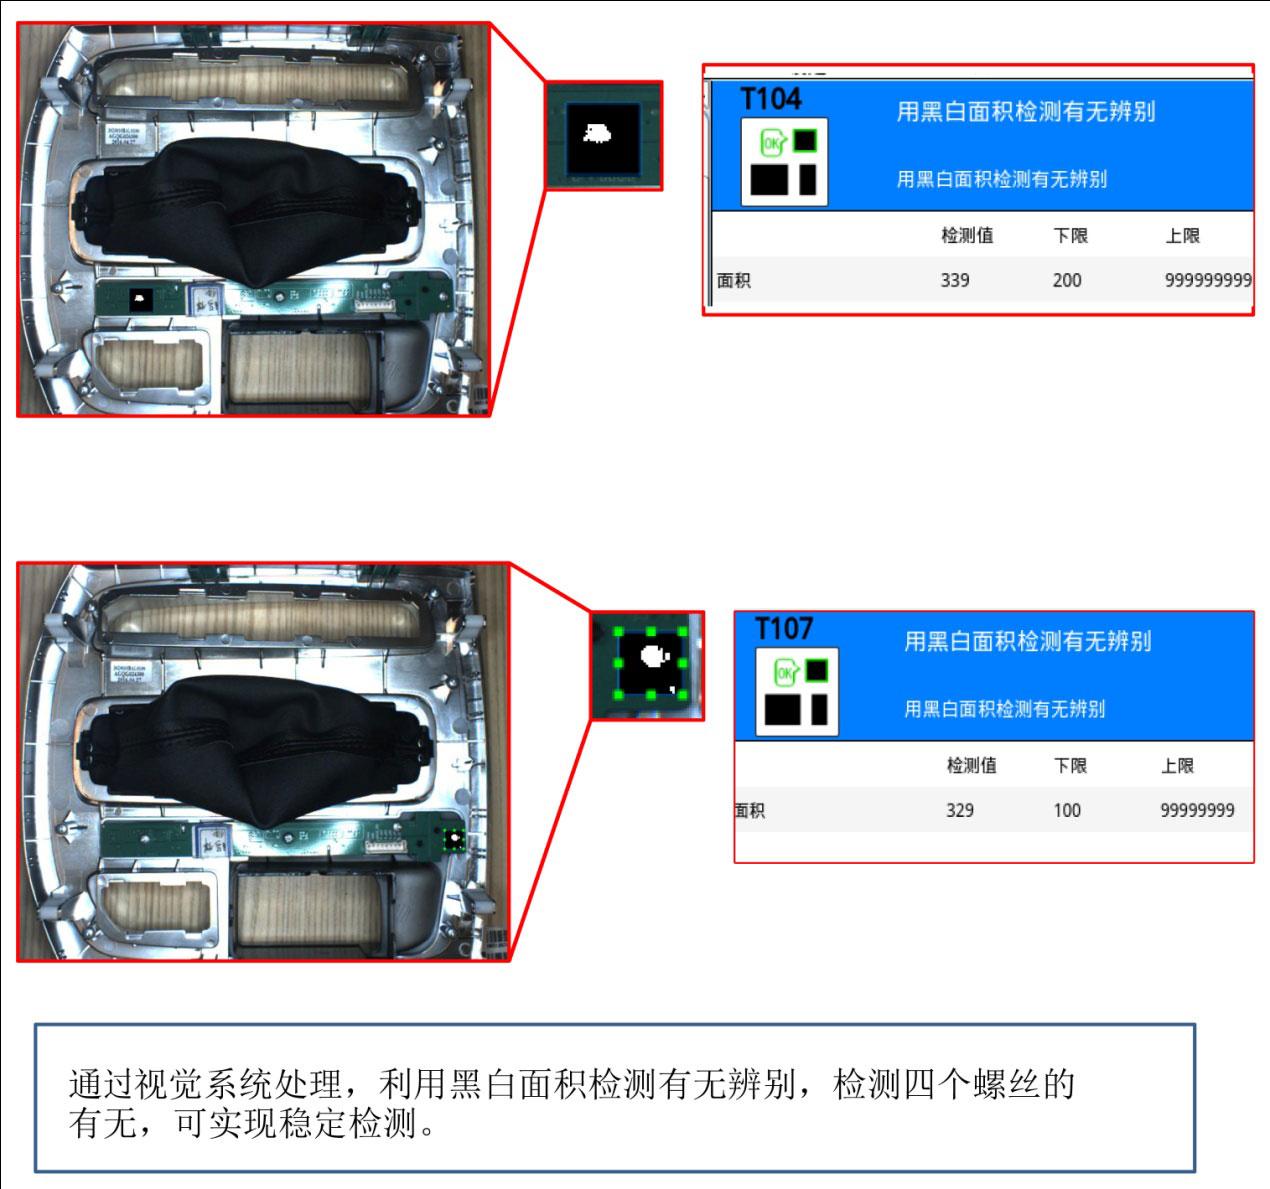 金属机箱尺寸视觉检测